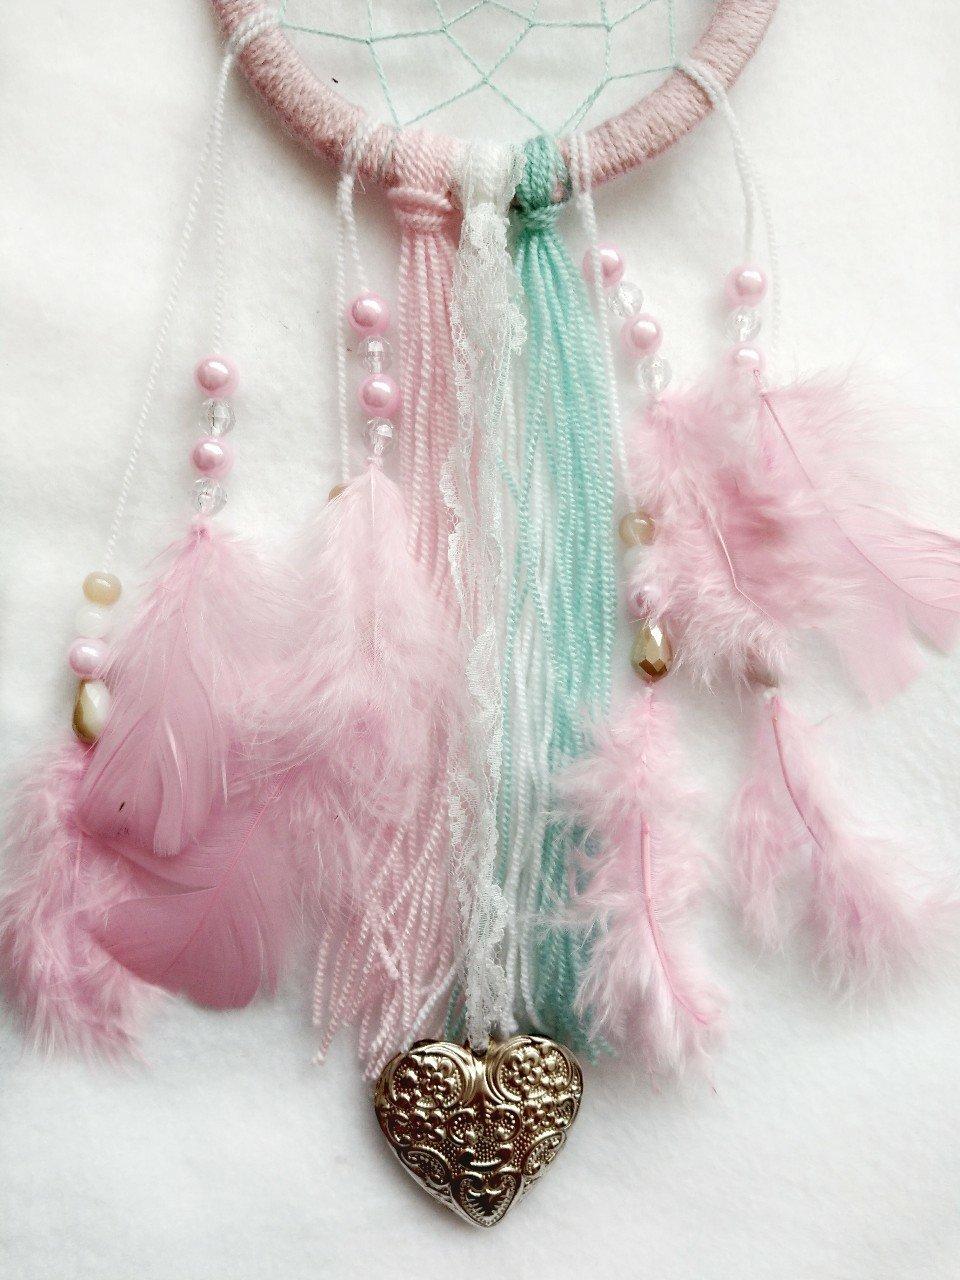 Als Deko für den diy Traumfänger eigenen sich Perlen, Schnüre und Federn